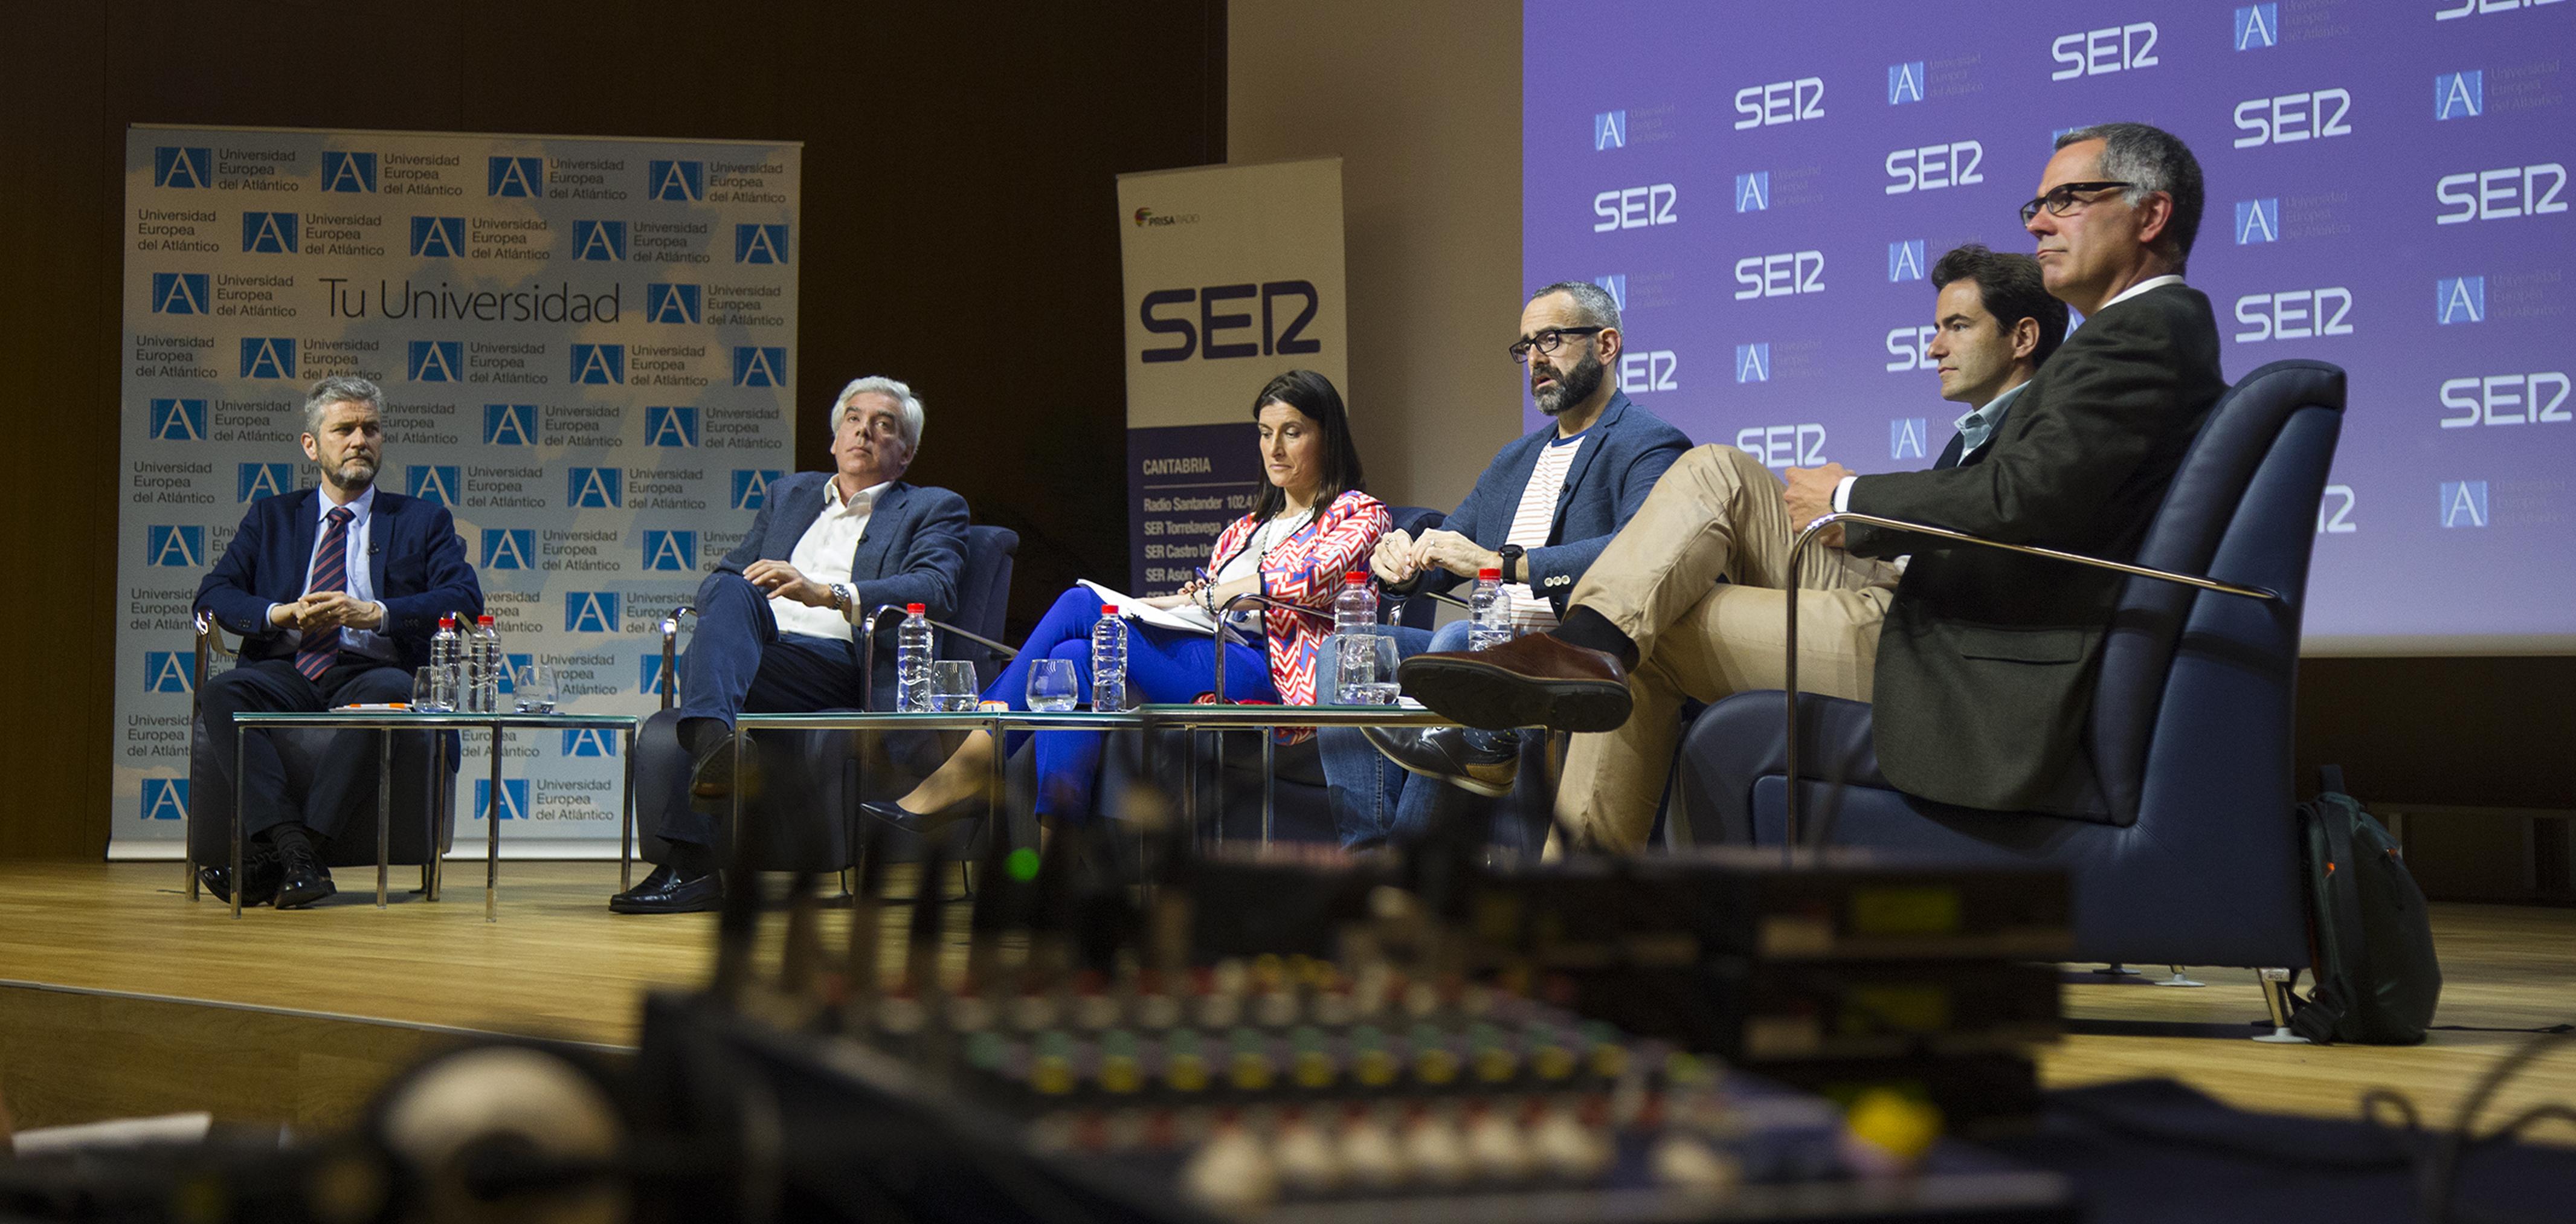 Cinco candidatos a la alcaldía del Ayuntamiento de Santander debatieron sus propuestas ante las elecciones municipales del día 26